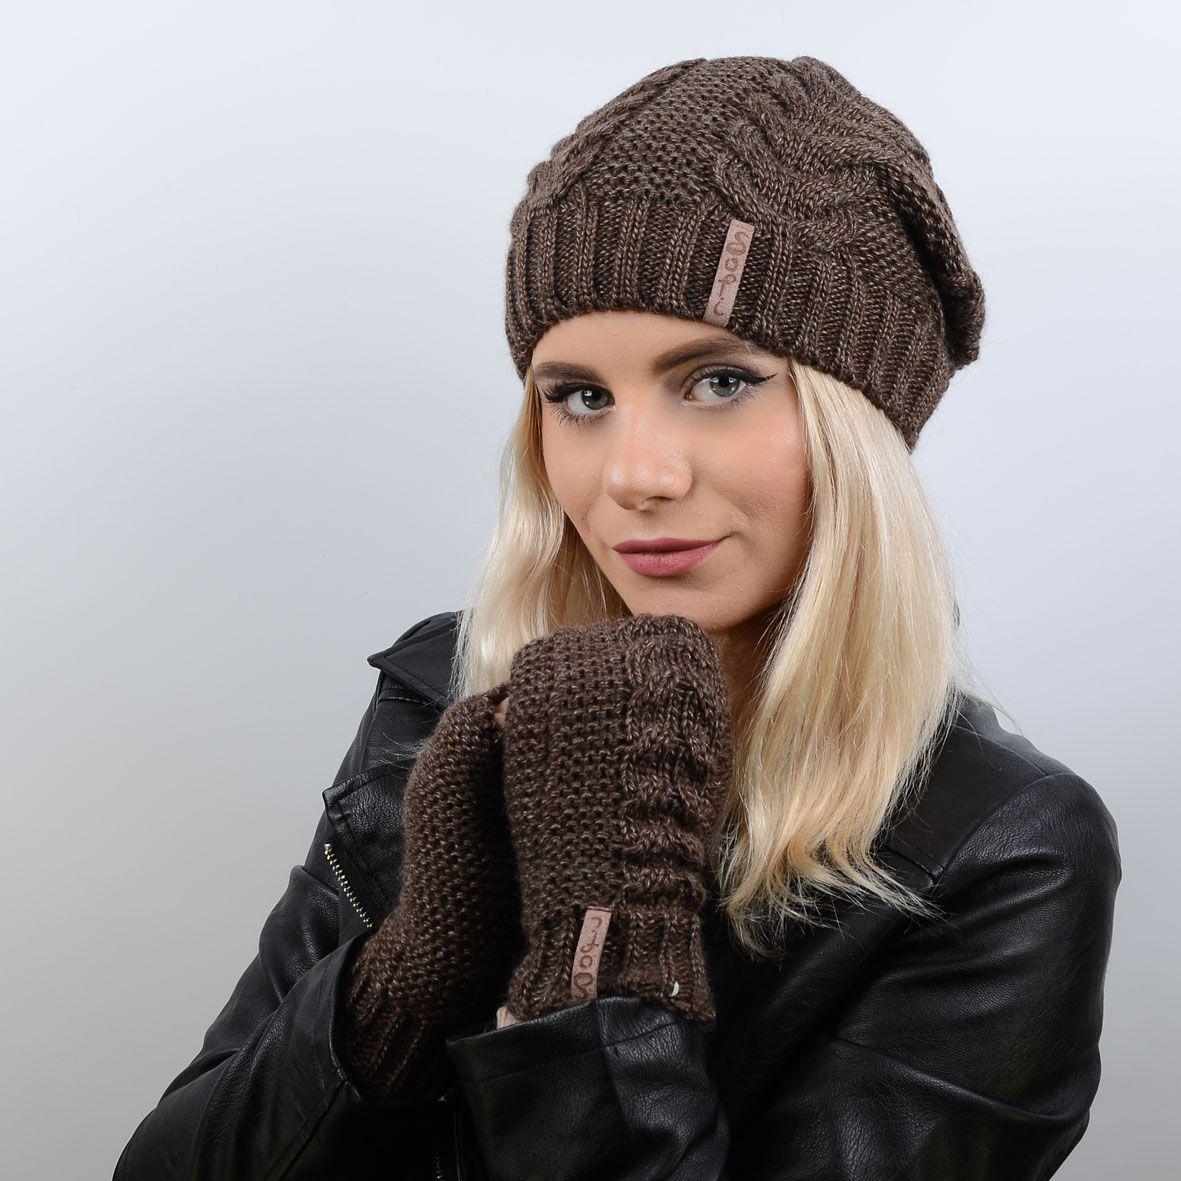 14e4ba3ca759 Яркий вязаный женский комплект, состоящий из шапки и перчаток-митенок  Vivian 17013 ...